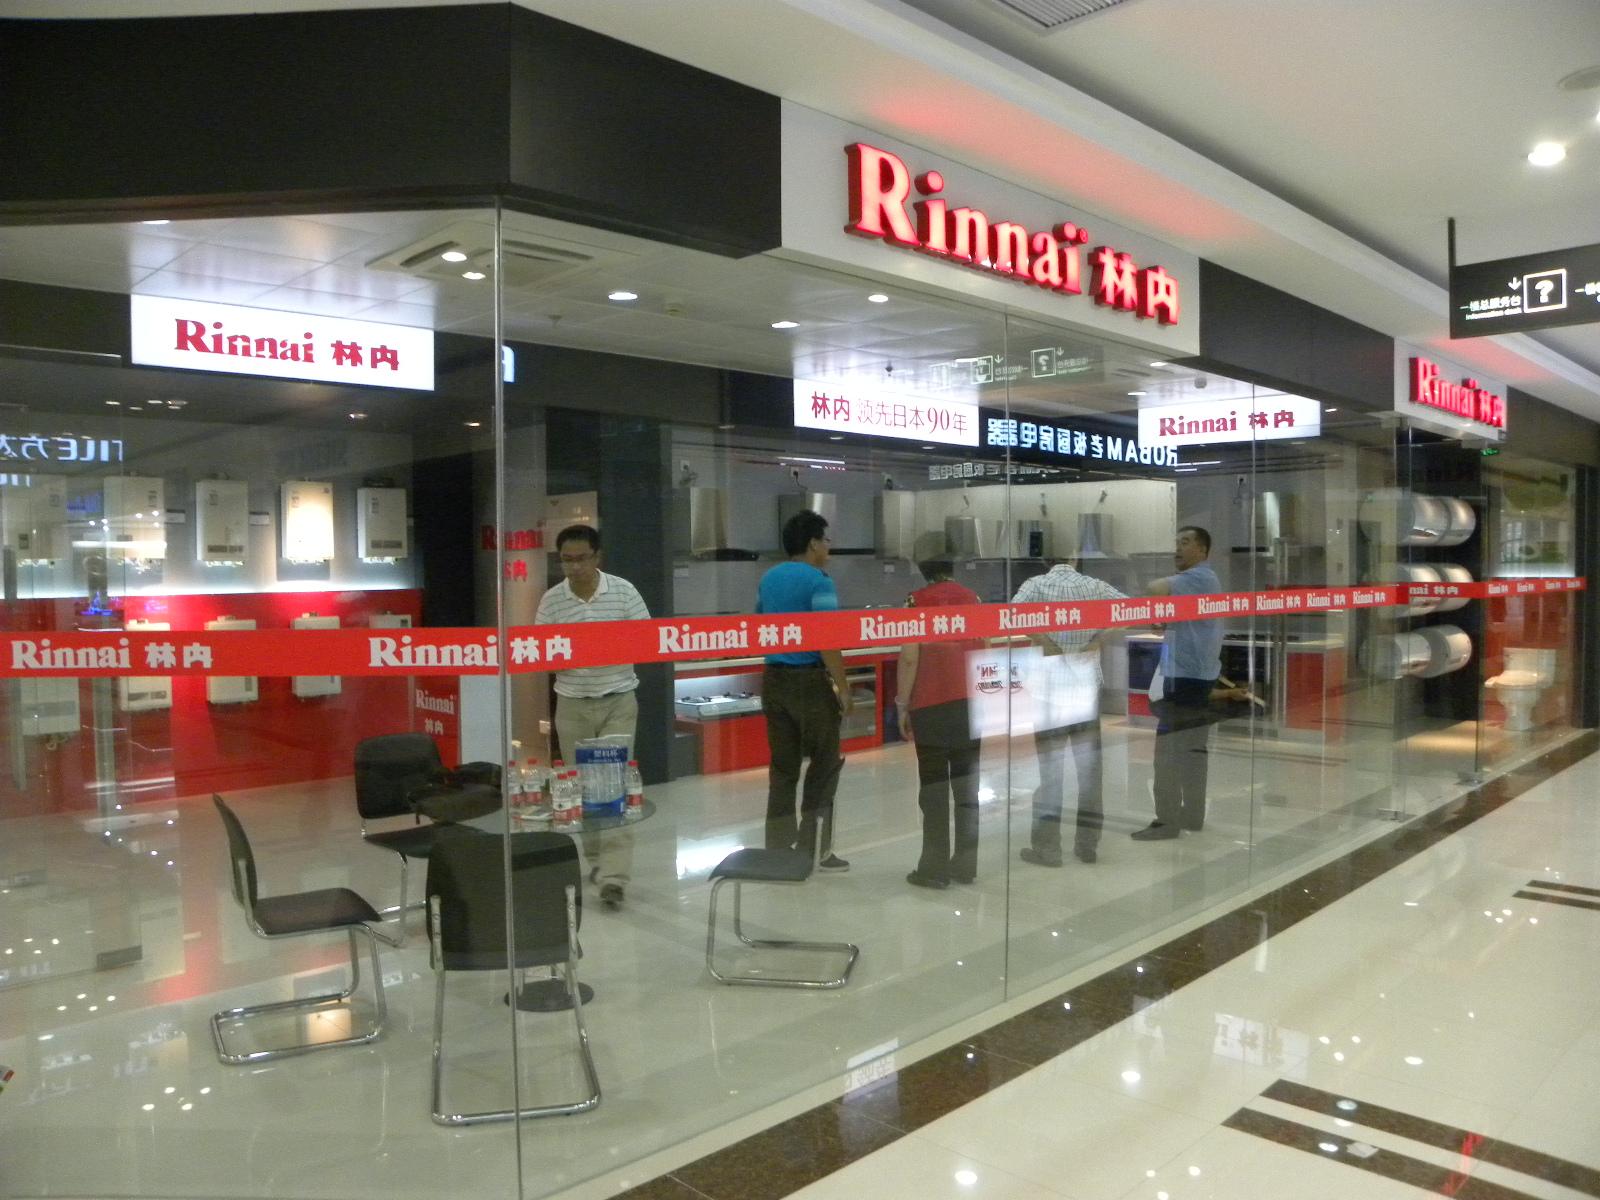 上海地区首家林内专卖店开业